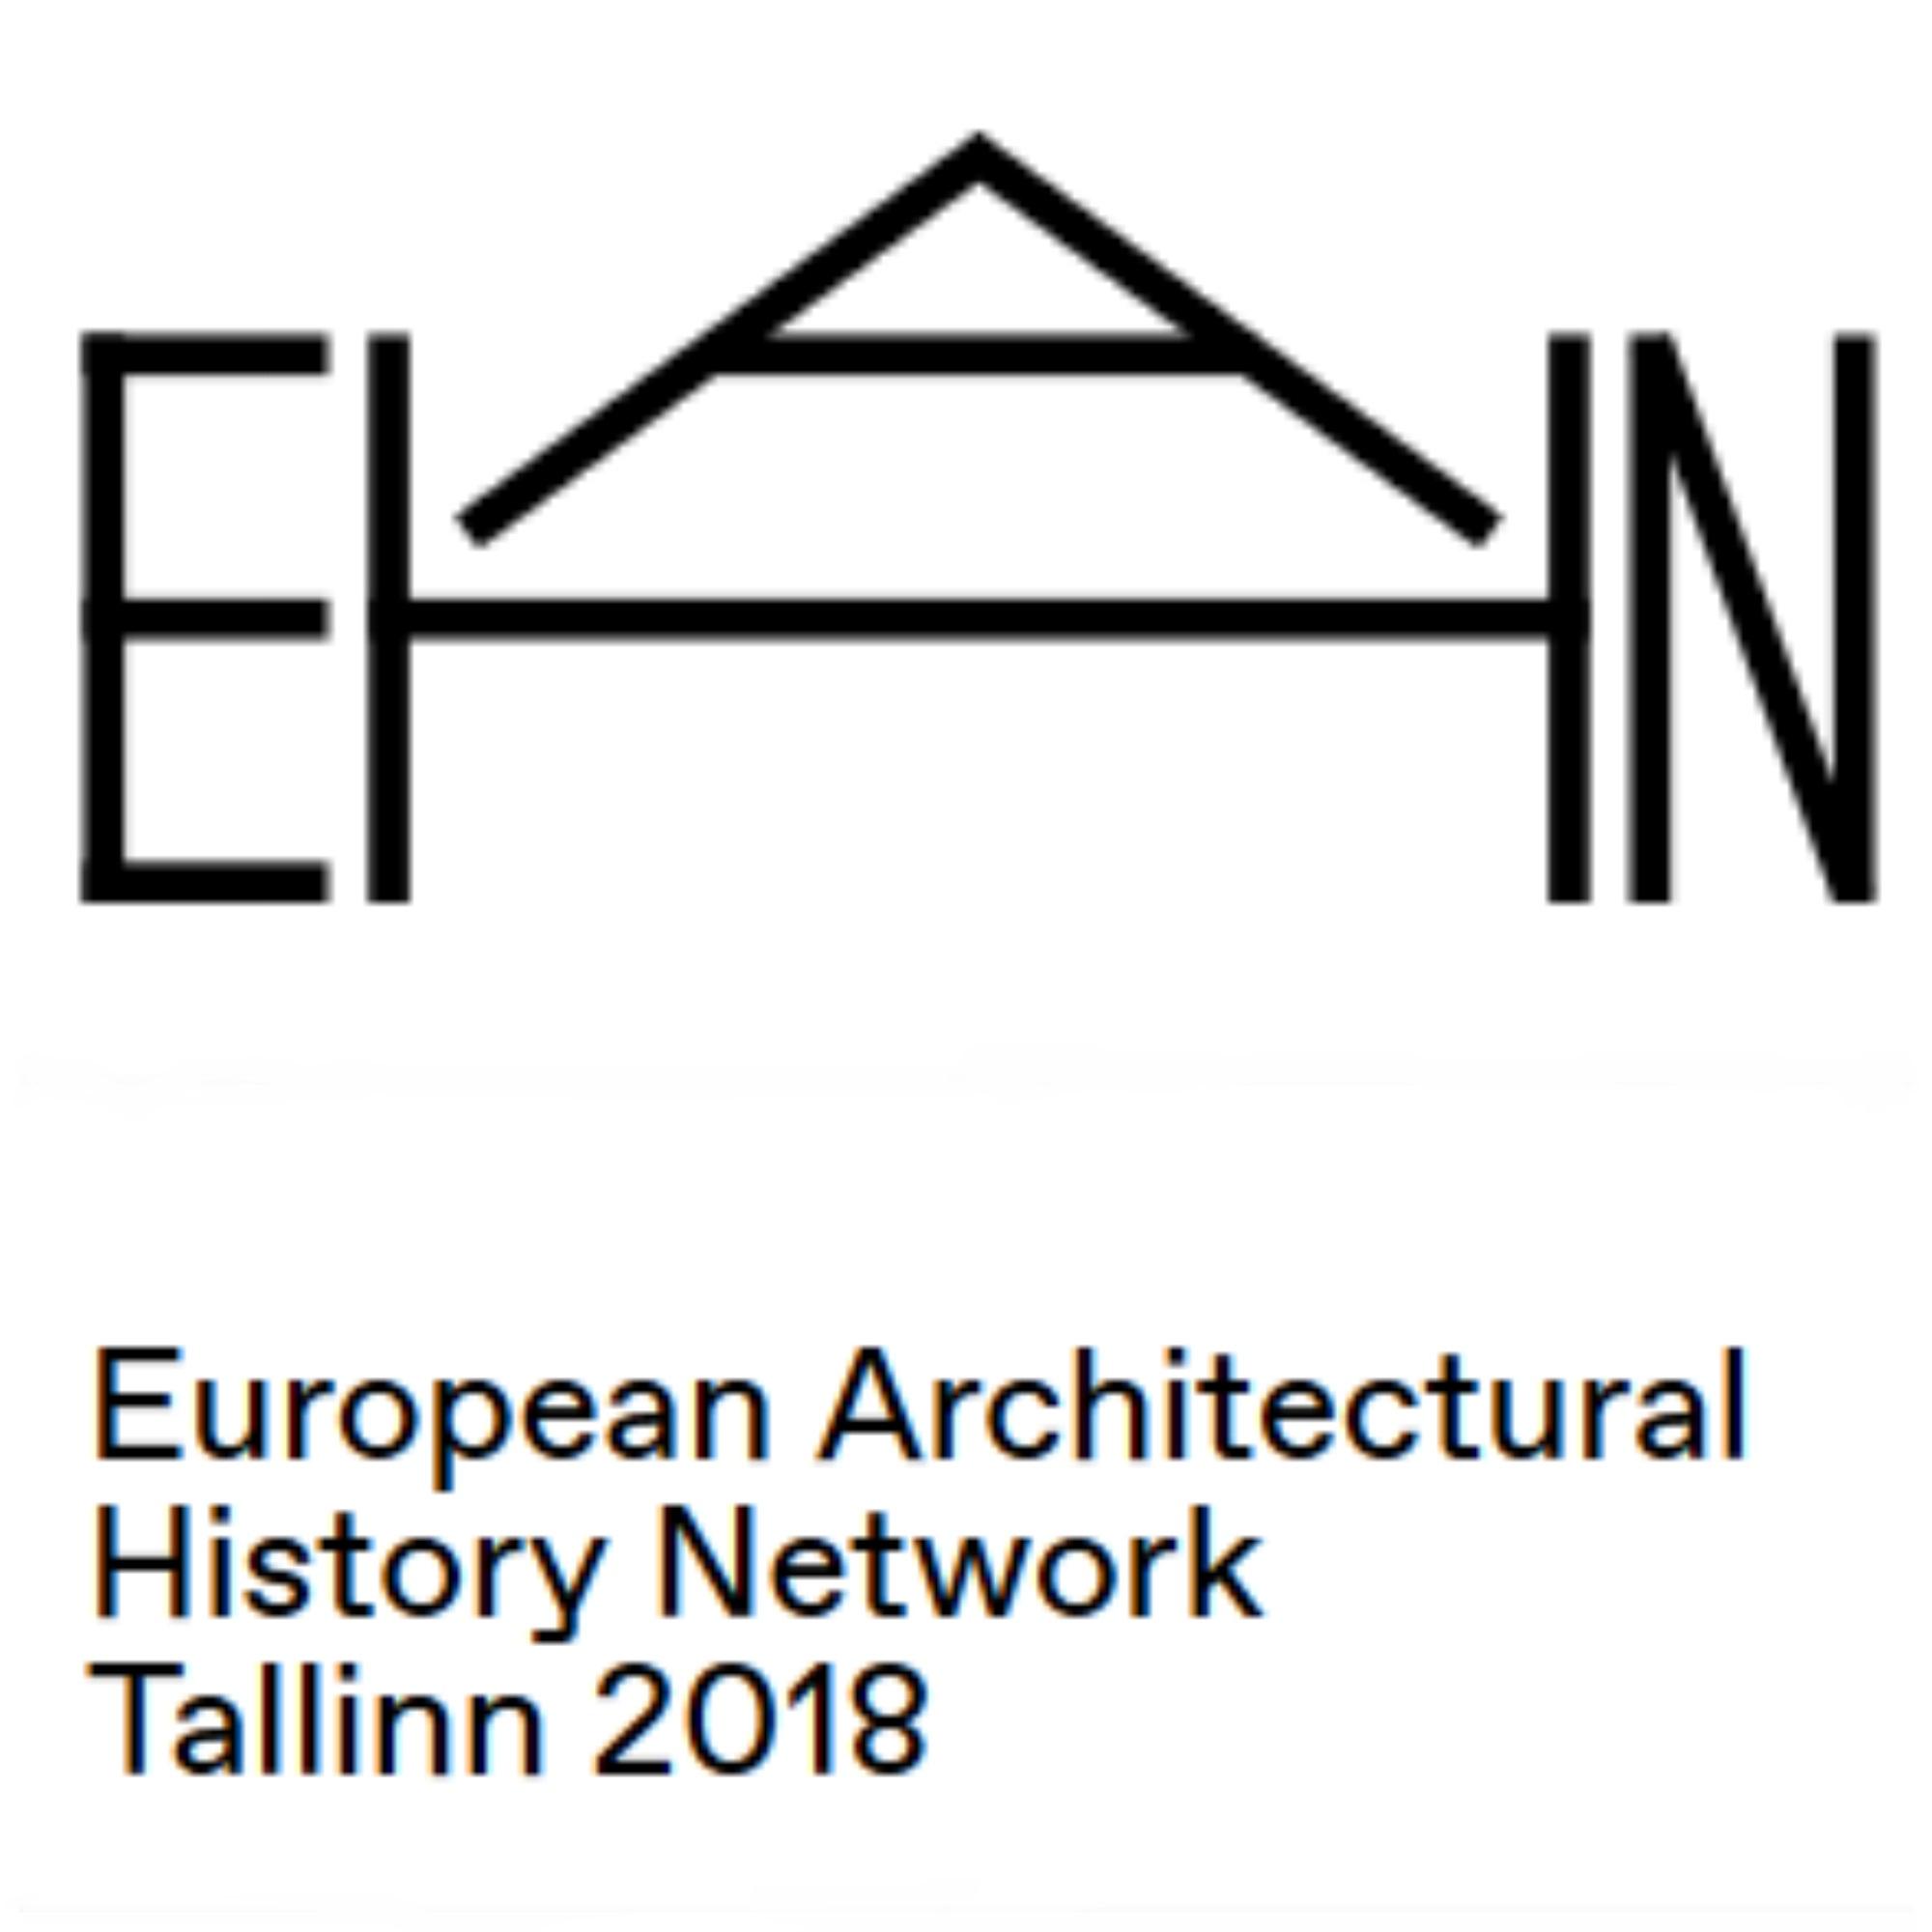 EAHN 2018 website